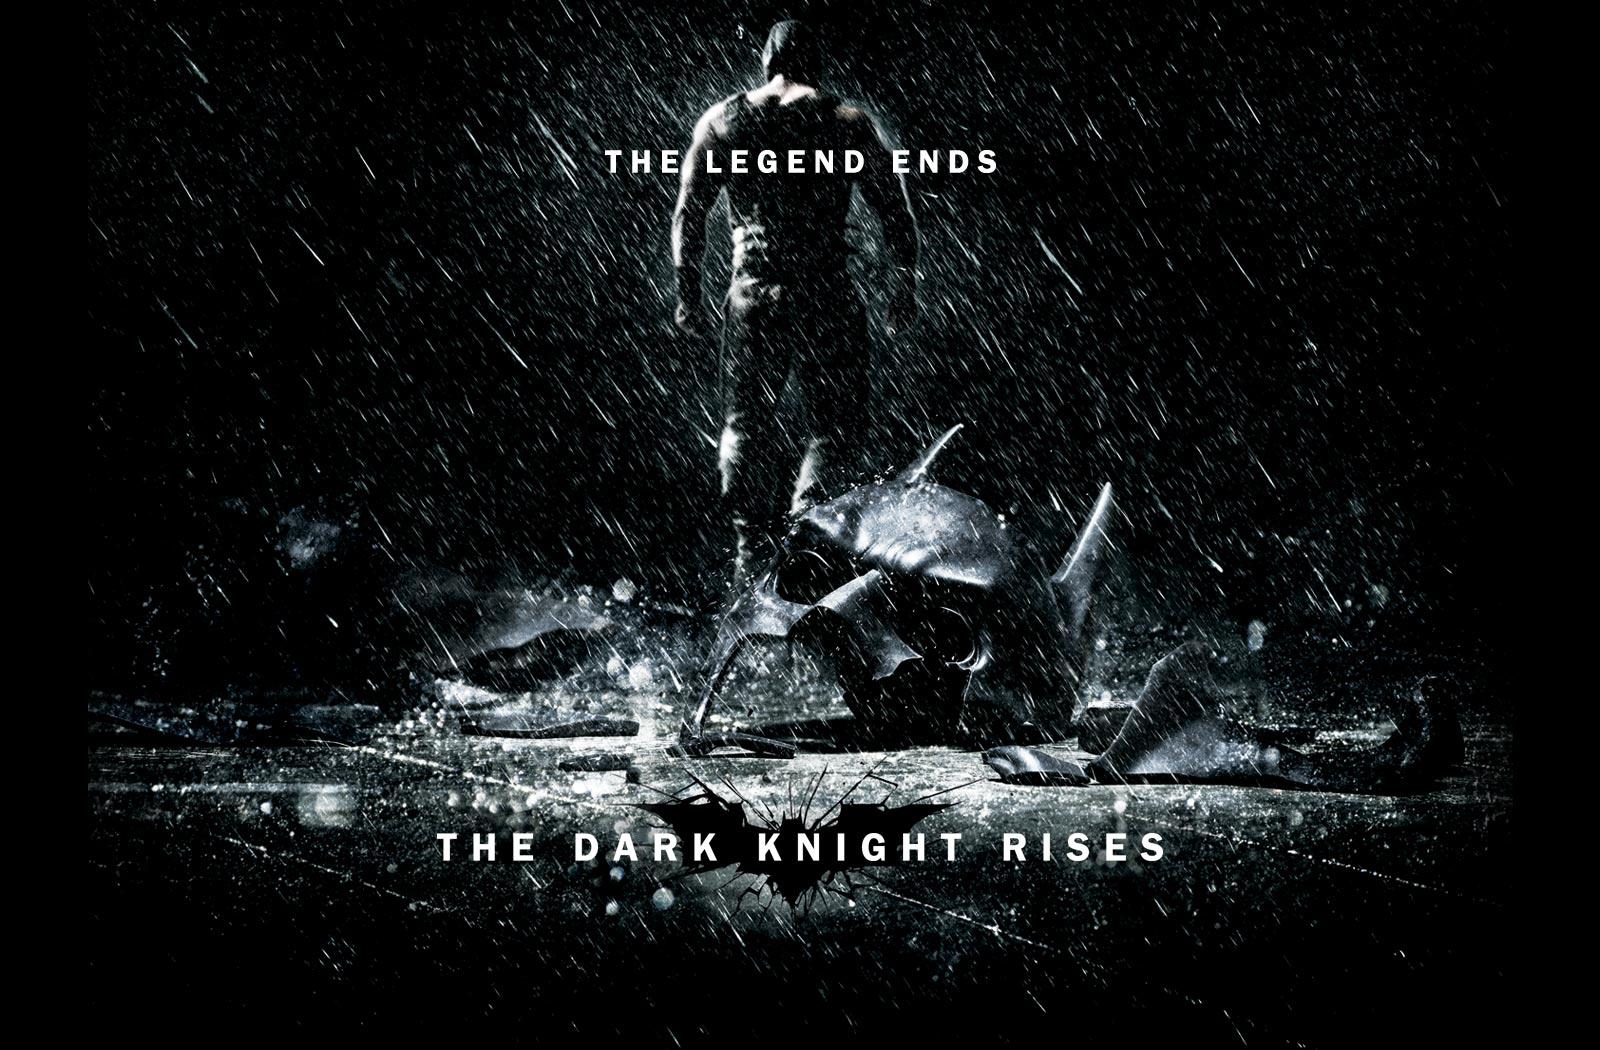 Batman hd wide wallpapers WallpapersWide  - batman dark knight trilogy wallpapers